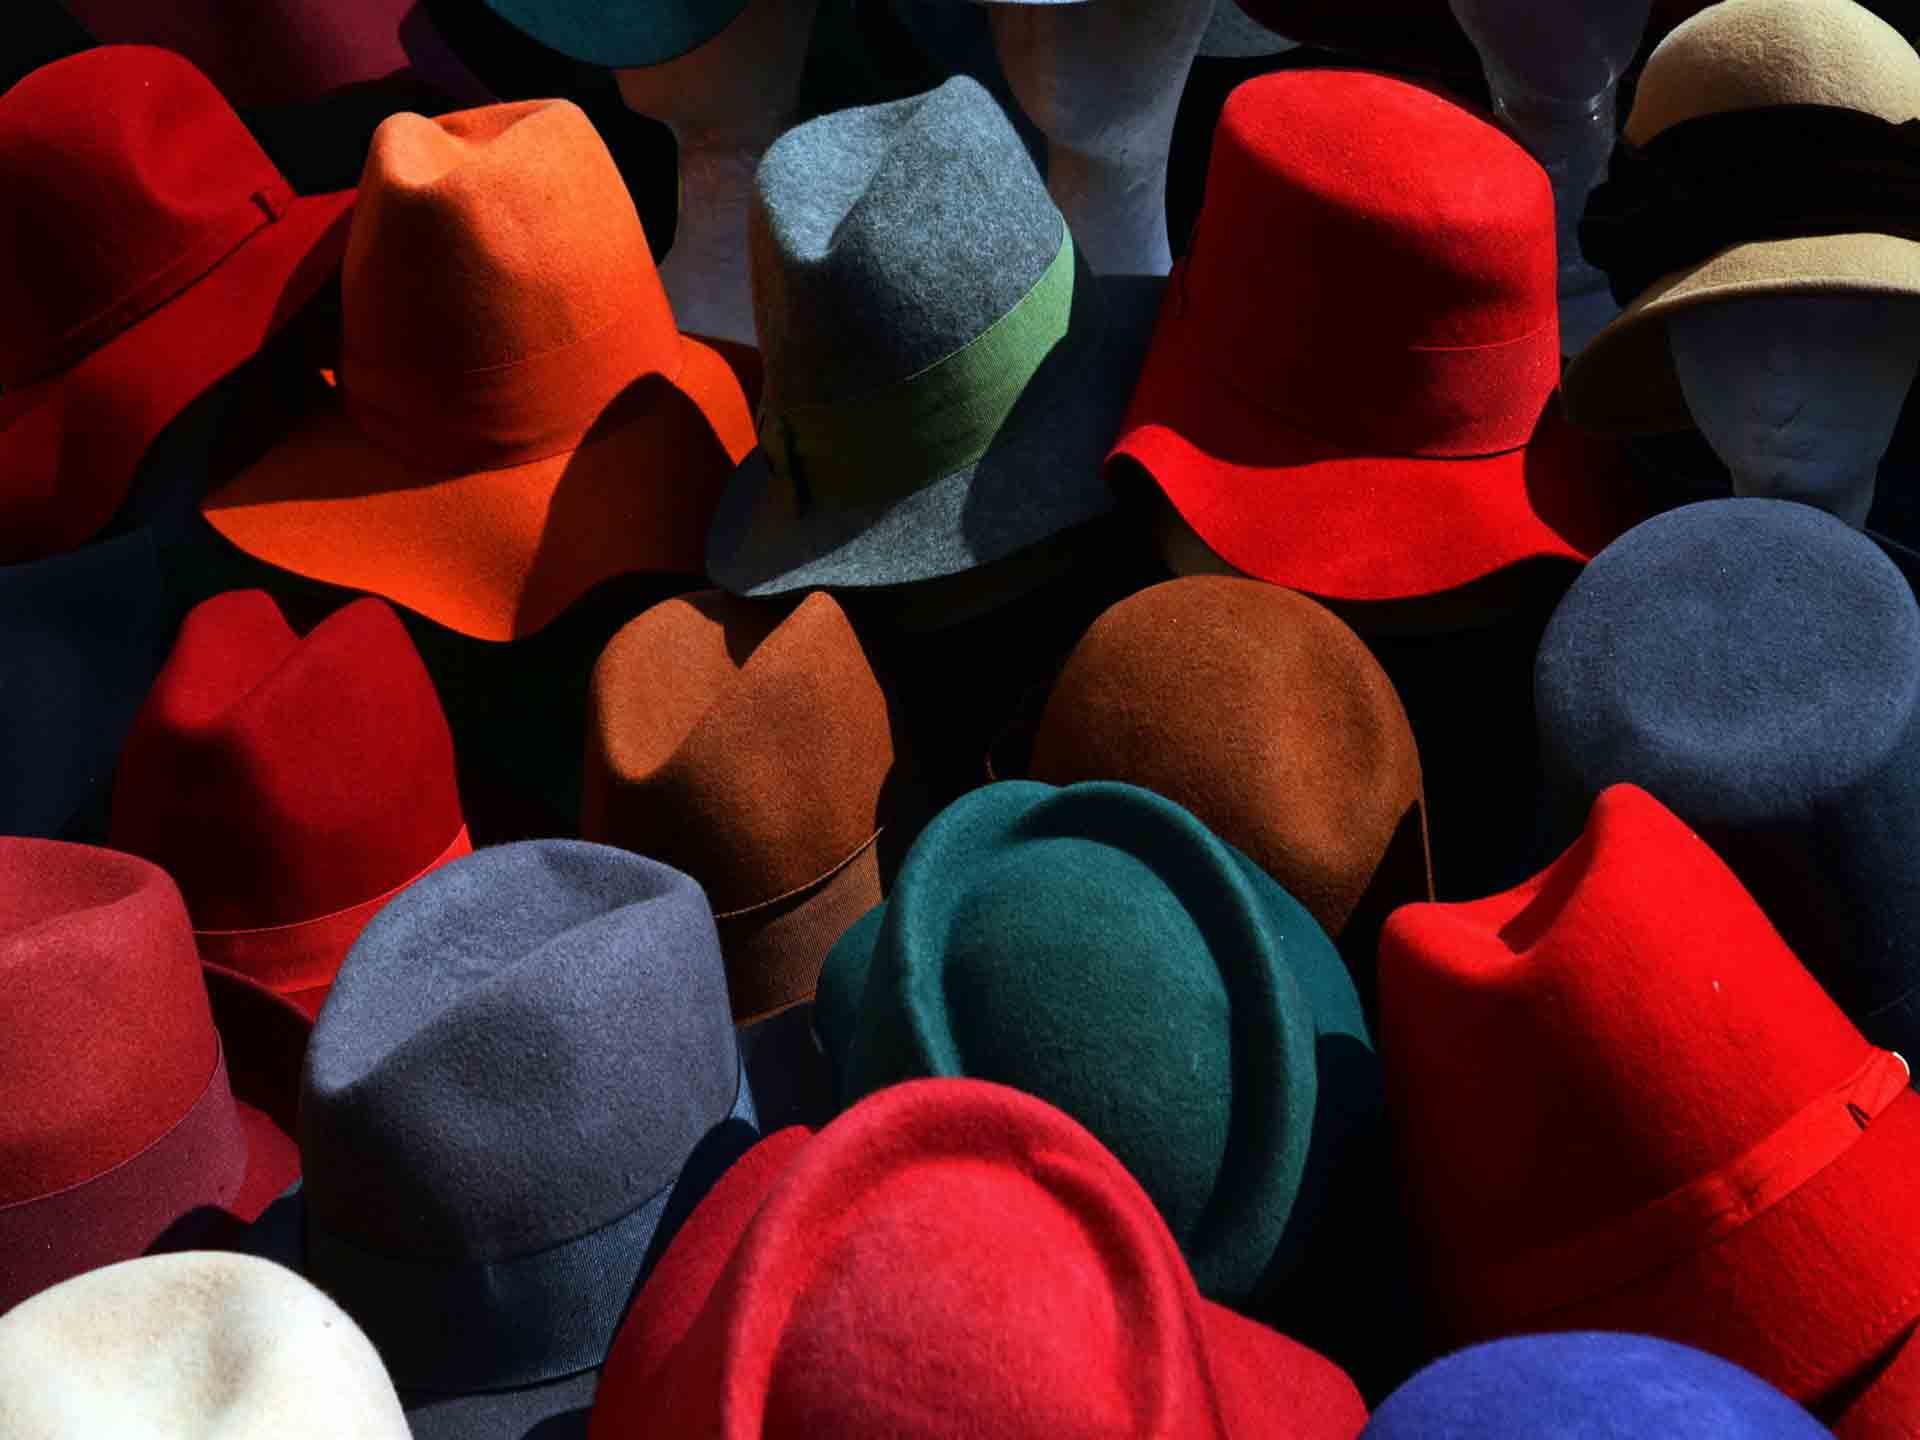 انتخاب رنگ مناسب کلاه